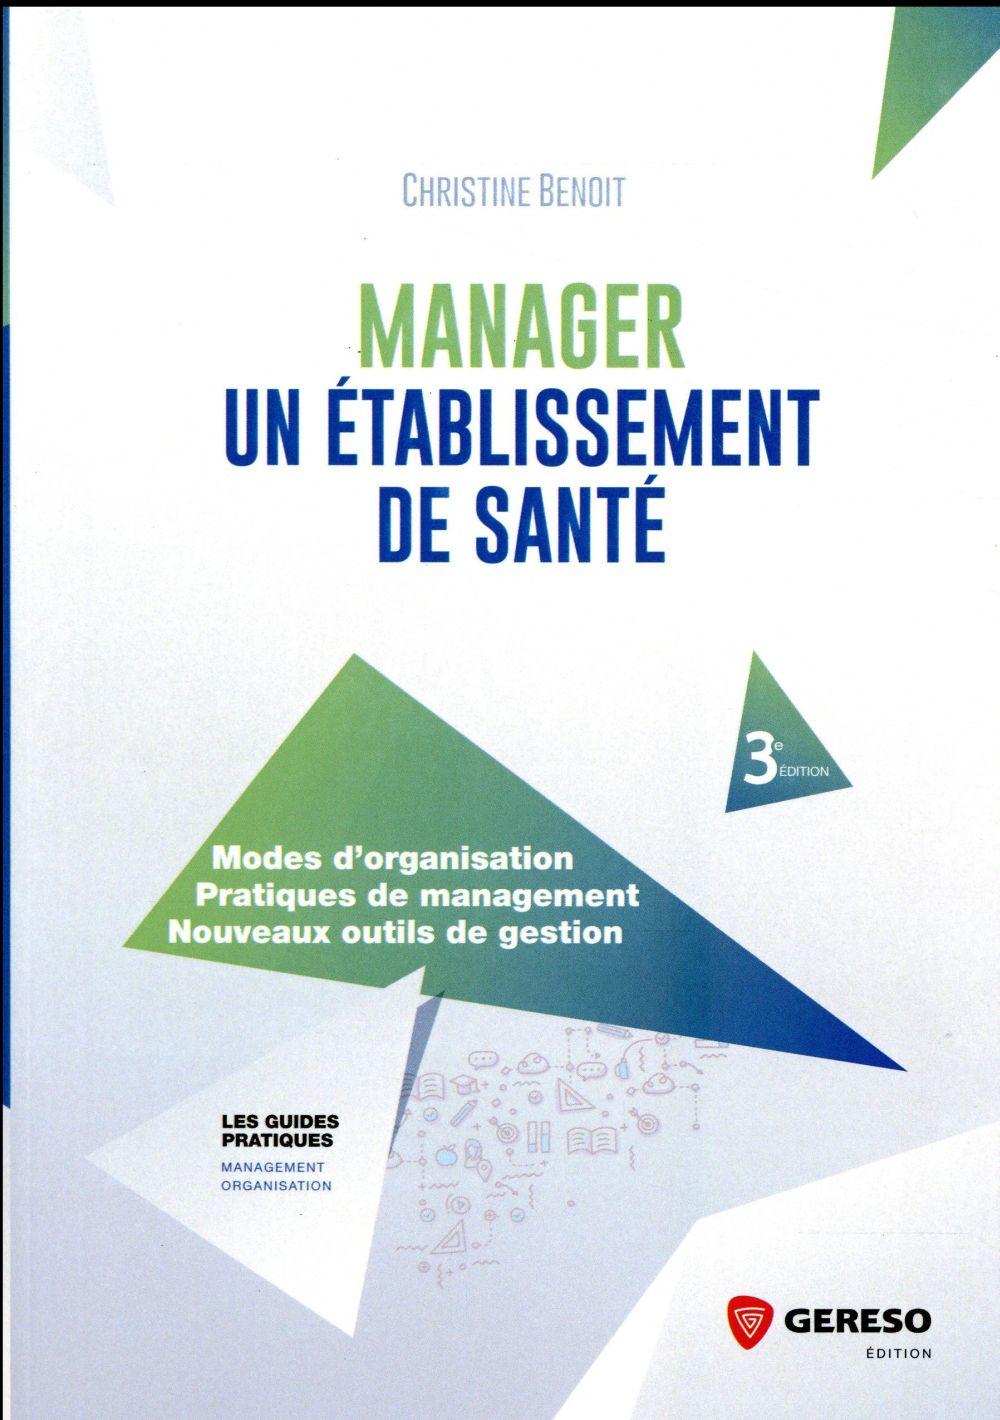 MANAGER UN ETABLISSEMENT DE SANTE - MODES D ORGANISATION  PRATIQUES DE MANAGEMENT  NOUVEAUX OUTILS D